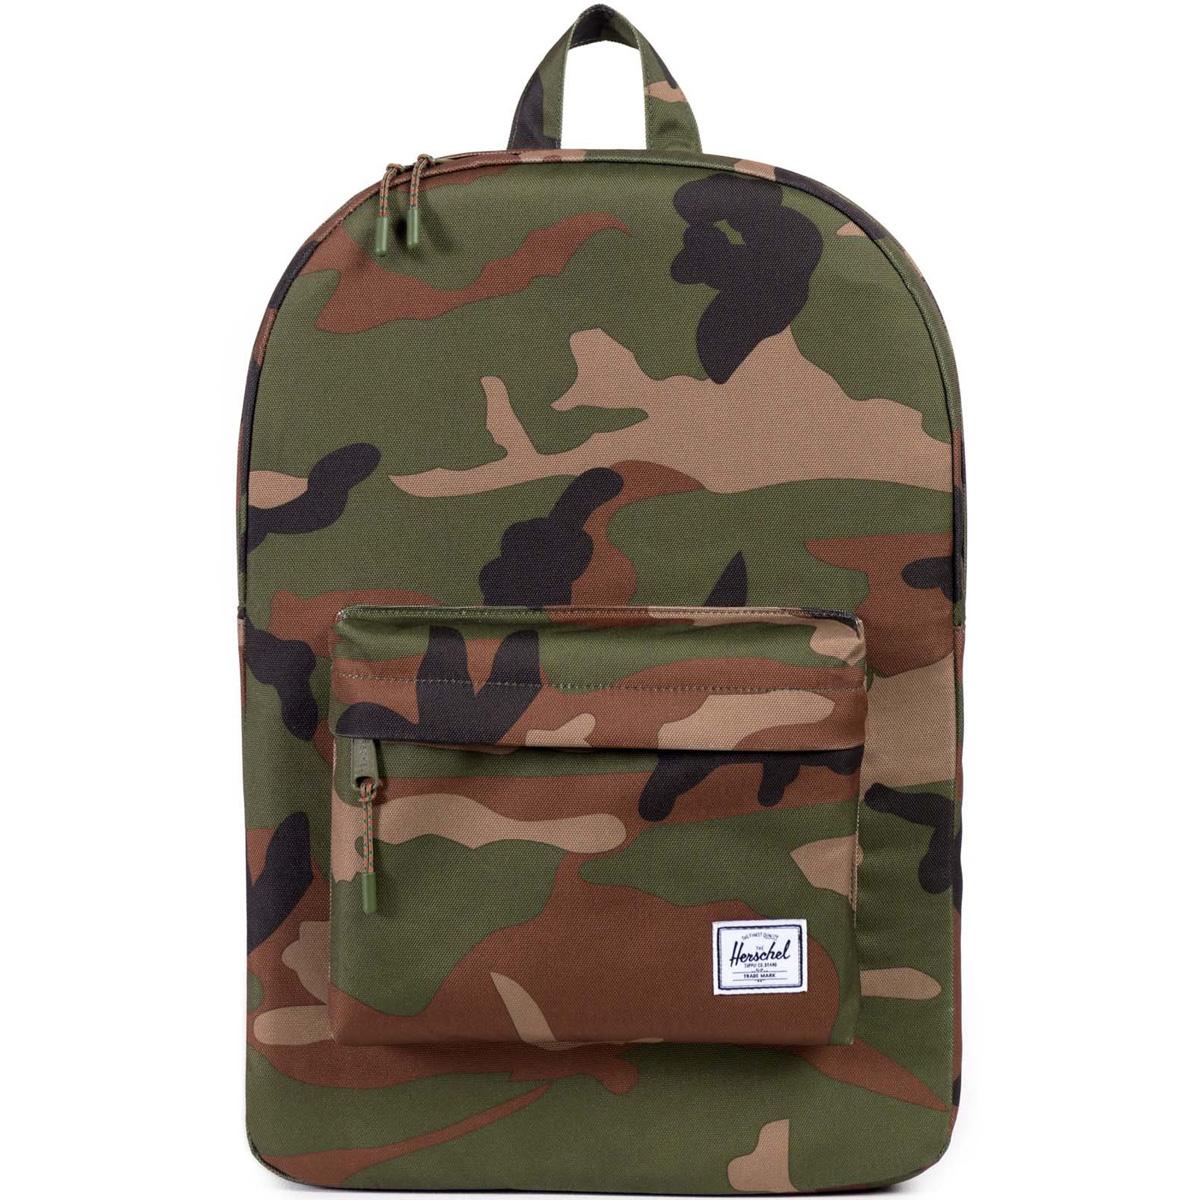 Рюкзак городской Herschel Classic (A/S), цвет: хаки. 828432018512828432018512Рюкзак Herschel Classic целиком и полностью оправдывает свое название, выражая совершенство в лаконичных и идеальных линиях. Этот рюкзак создан для любых целей и поездок и отлично впишется в абсолютно любой стиль.